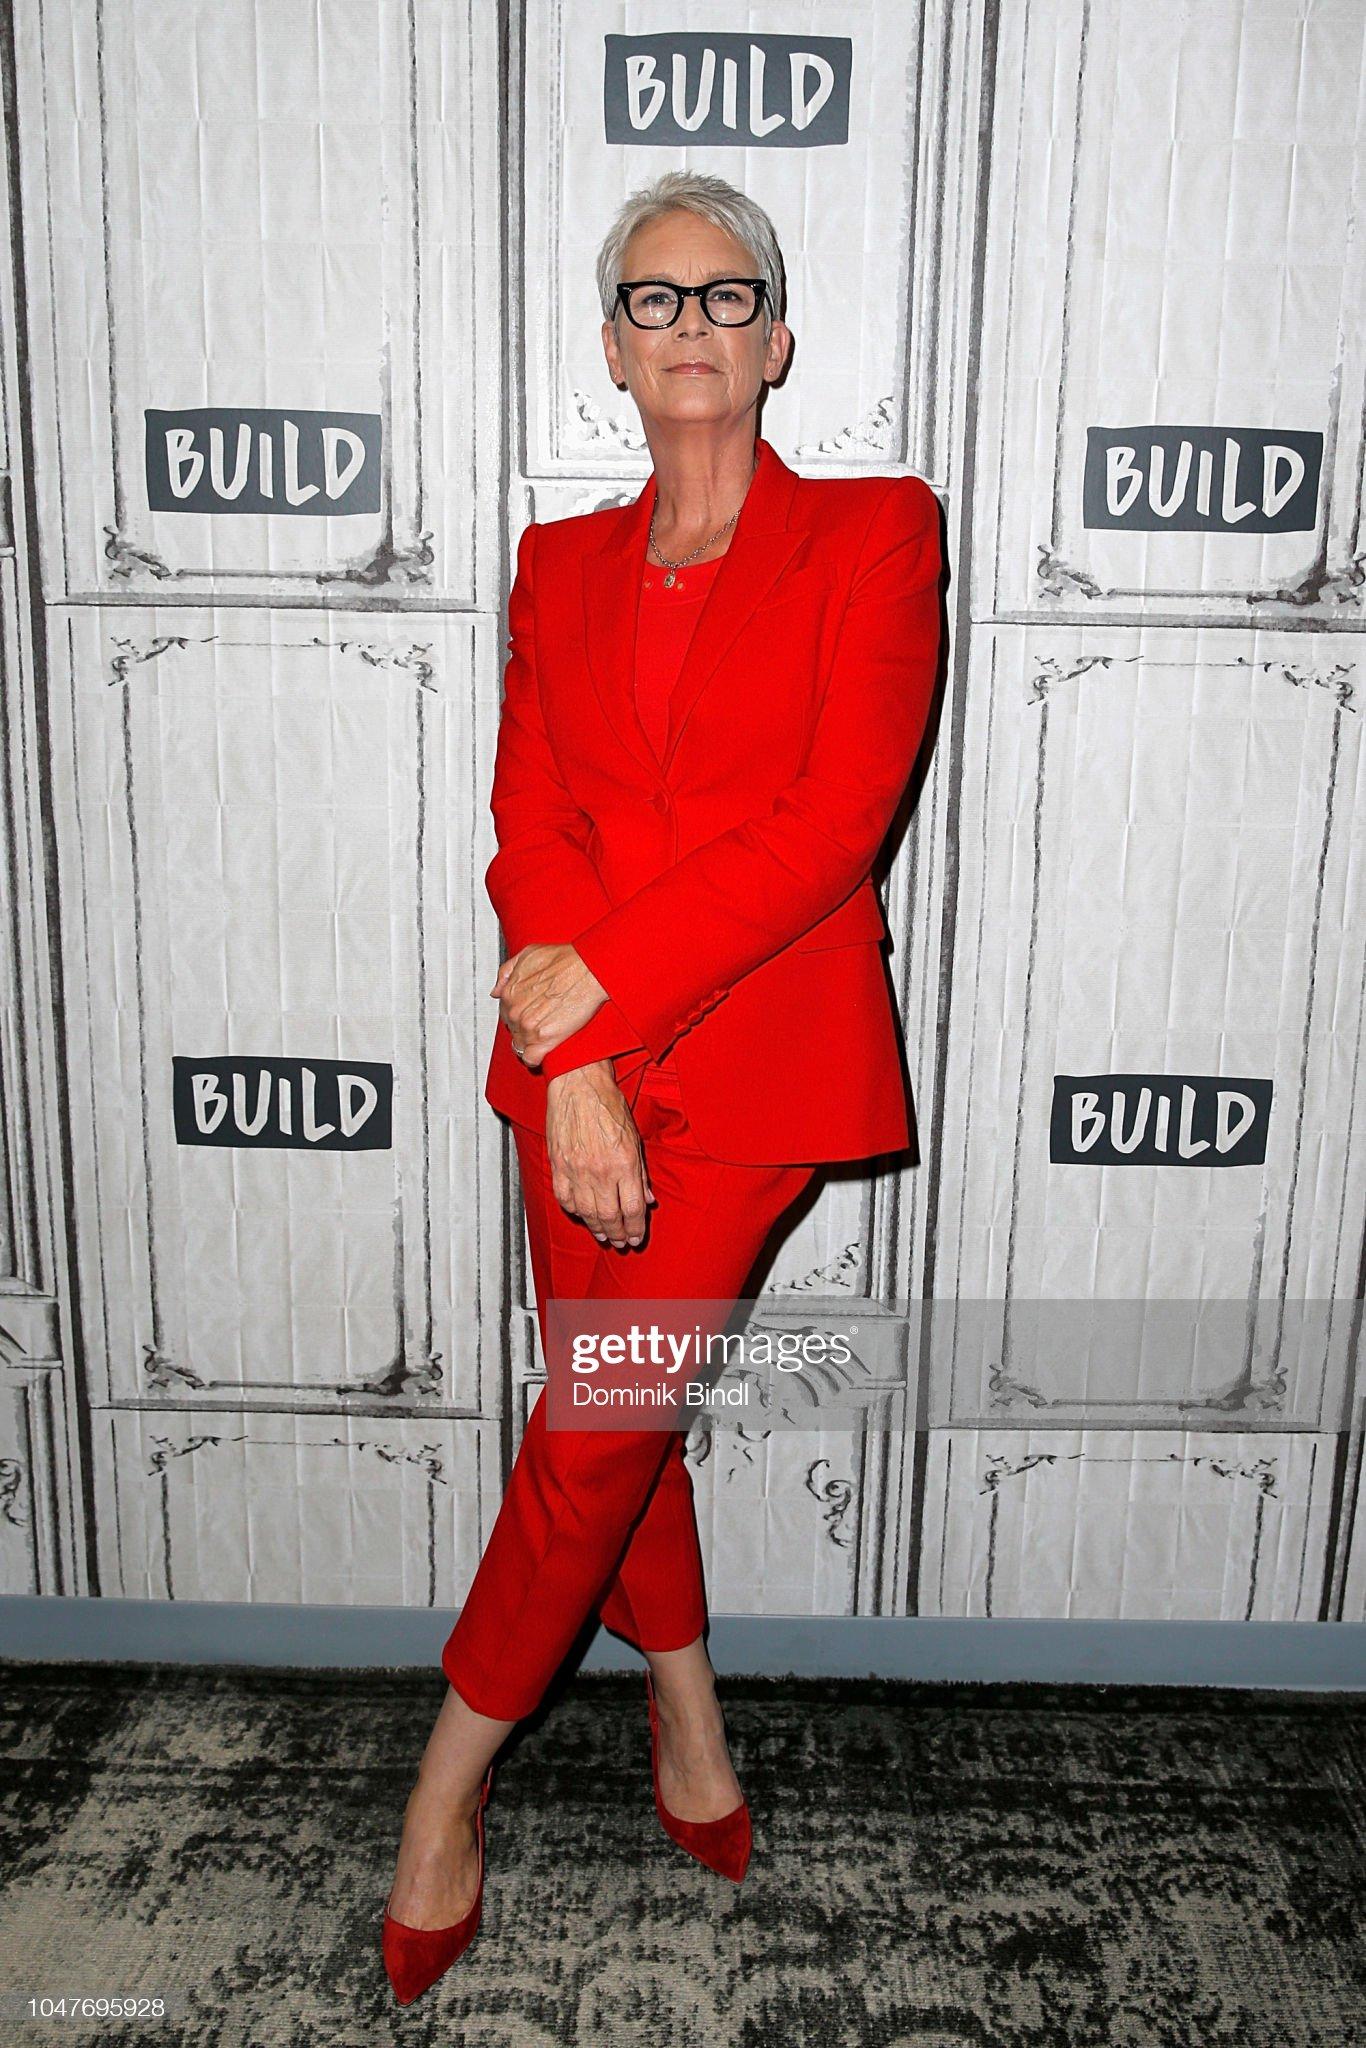 Celebrities Visit Build - October 8, 2018 : News Photo